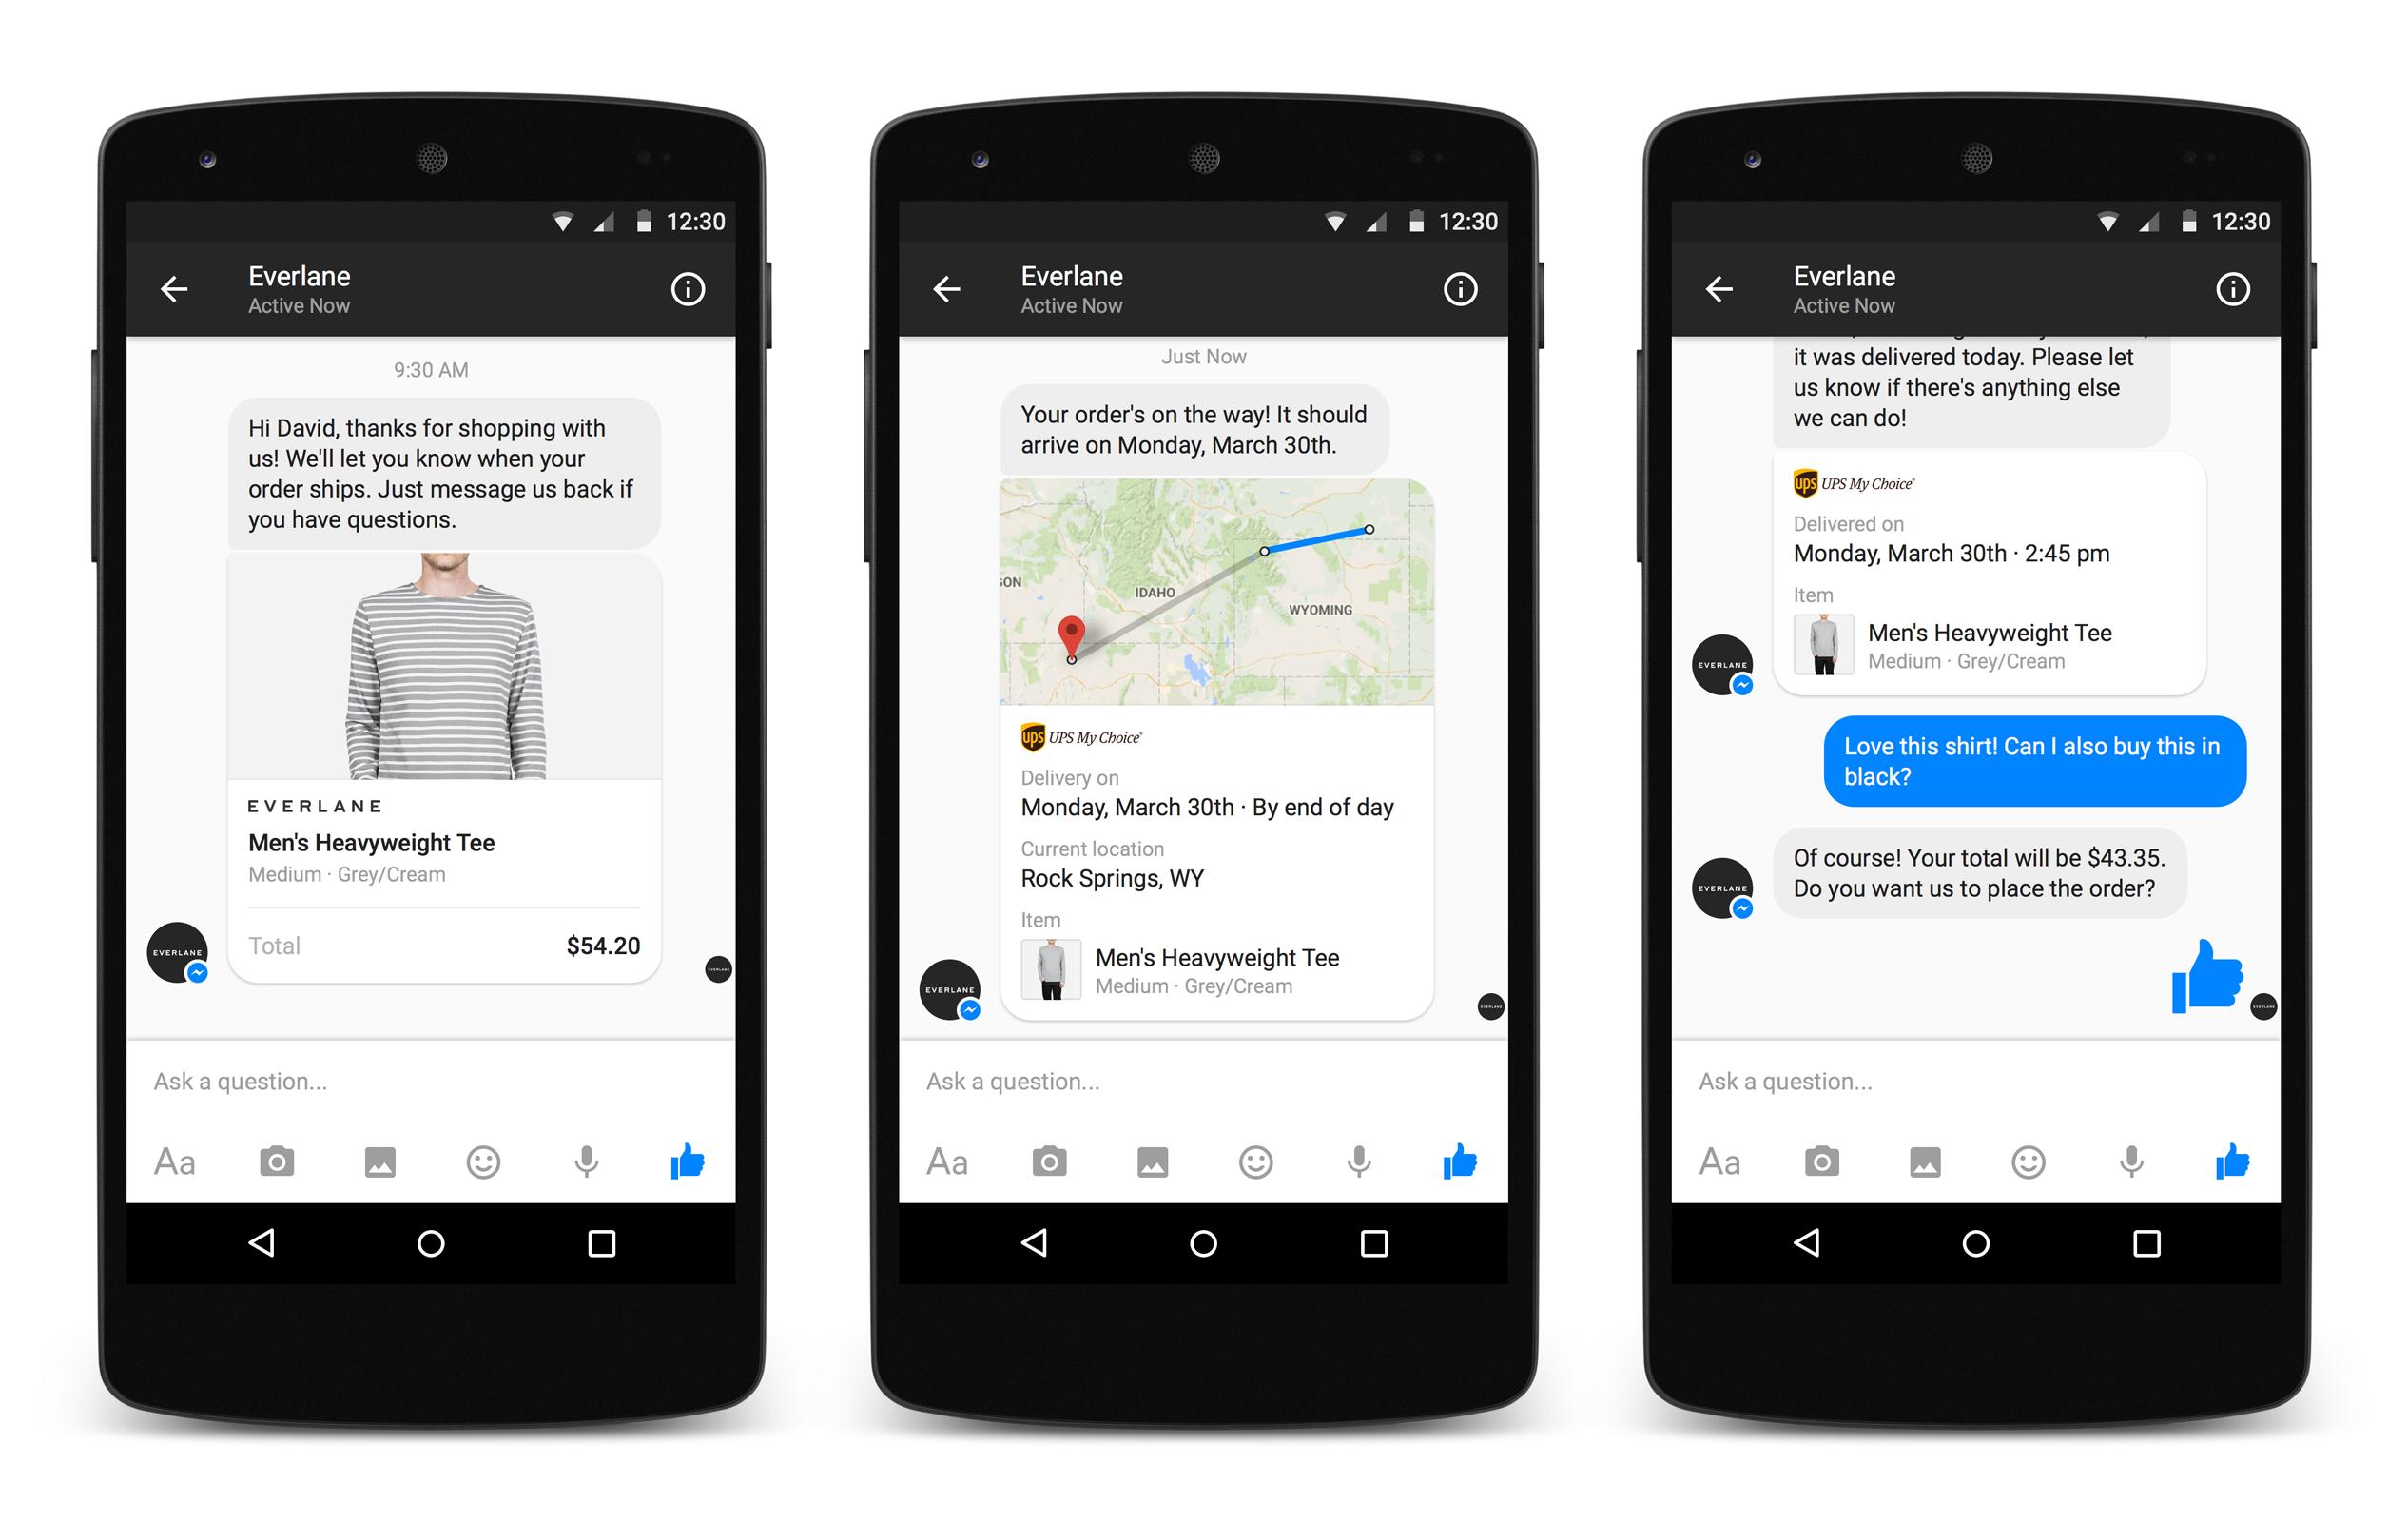 Viele Messenger bieten inzwischen verschlüsselte Kommunikation, die nicht nur die Privatsphäre schützt, sondern zunehmend Kriminelle schützt.